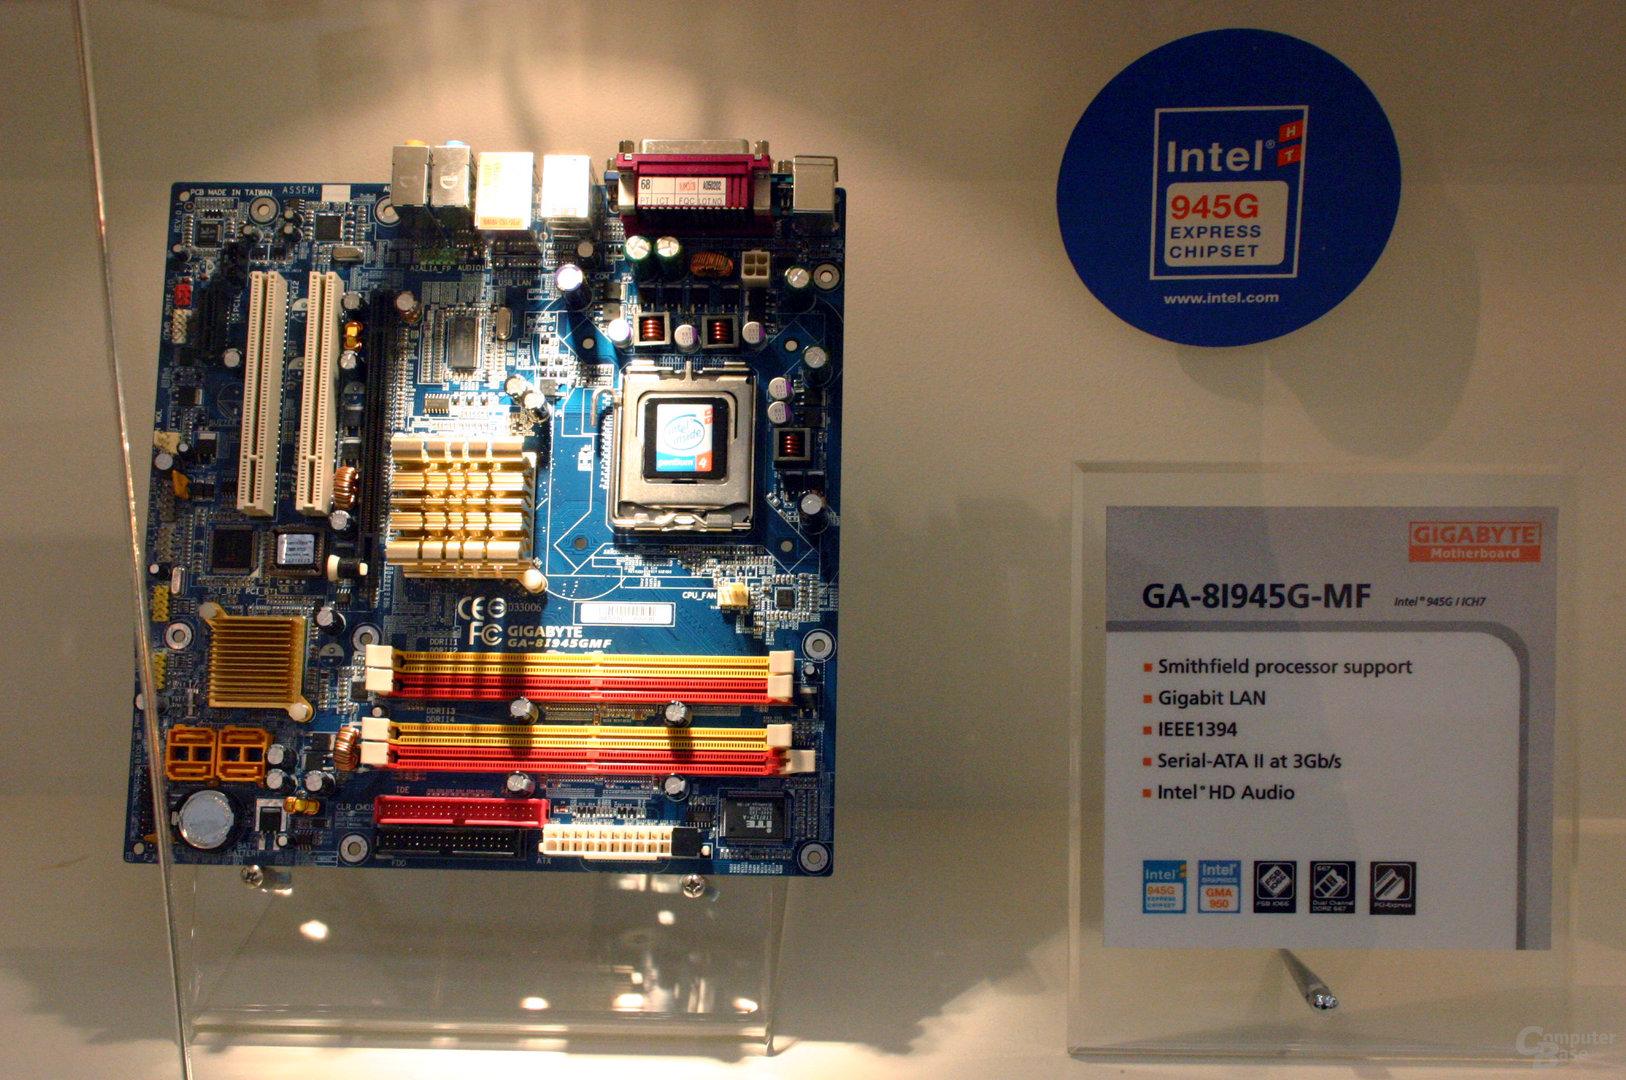 Gigabyte GA-8I945G-MF